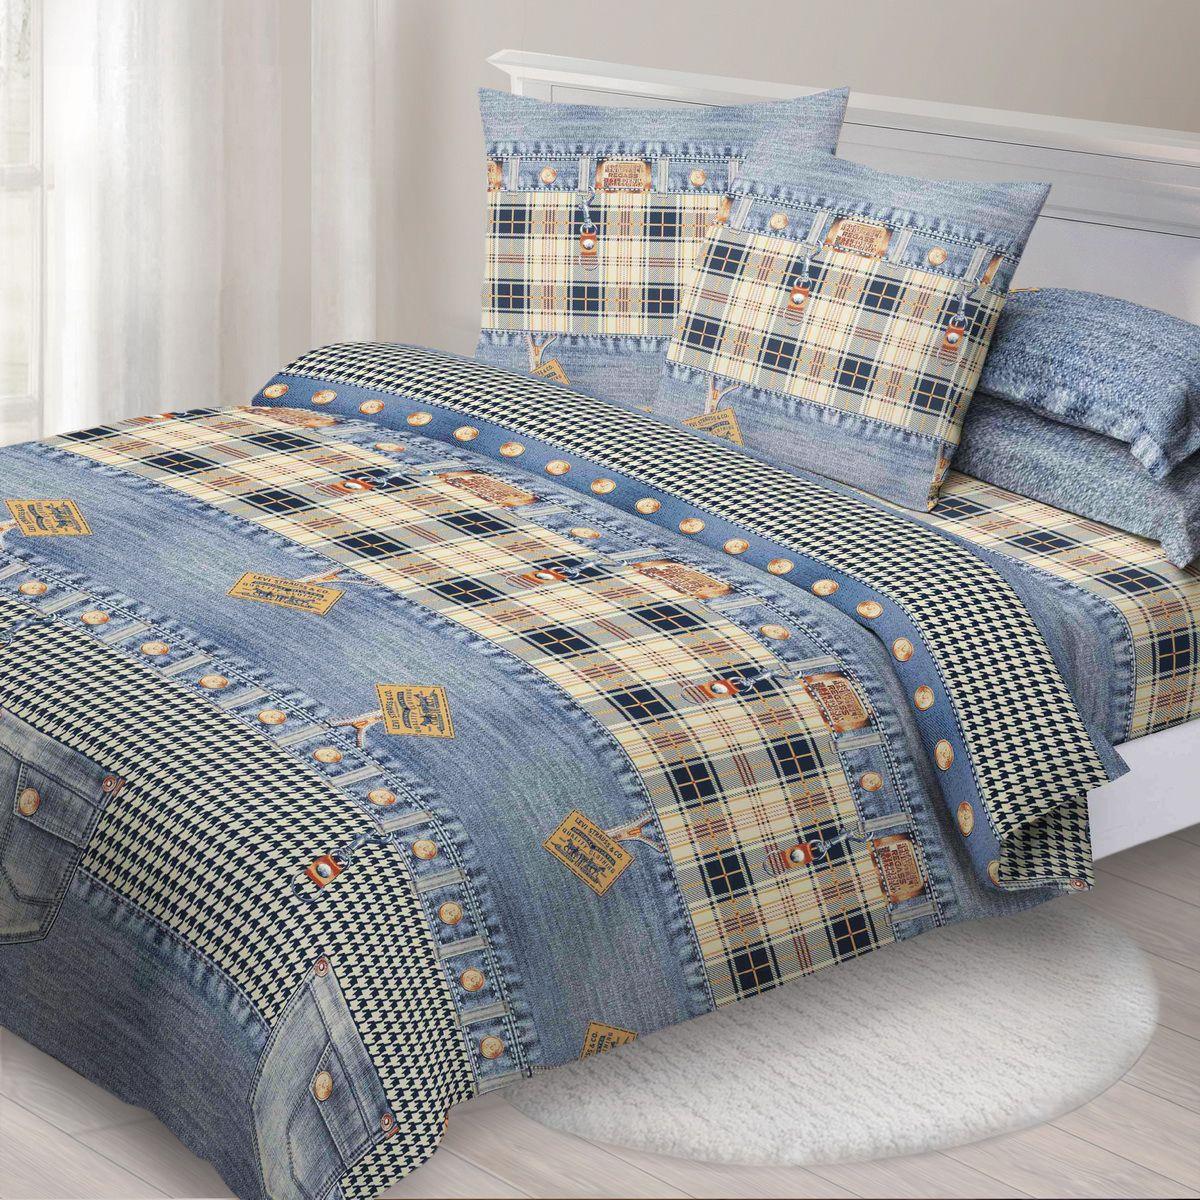 Комплект белья Спал Спалыч Деним, 2-спальное, наволочки 70x70, цвет: синий88082Спал Спалыч - недорогое, но качественное постельное белье из белорусской бязи. Актуальные дизайны, авторская упаковка в сочетании с качественными материалами и приемлемой ценой - залог успеха Спал Спалыча! В ассортименте широкая линейка домашнего текстиля для всей семьи - современные дизайны современному покупателю! Ткань обработана по технологии PERFECT WAY - благодаря чему, она становится более гладкой и шелковистой. • Бязь Барановичи 100% хлопок • Плотность ткани - 125 гр/кв.м.